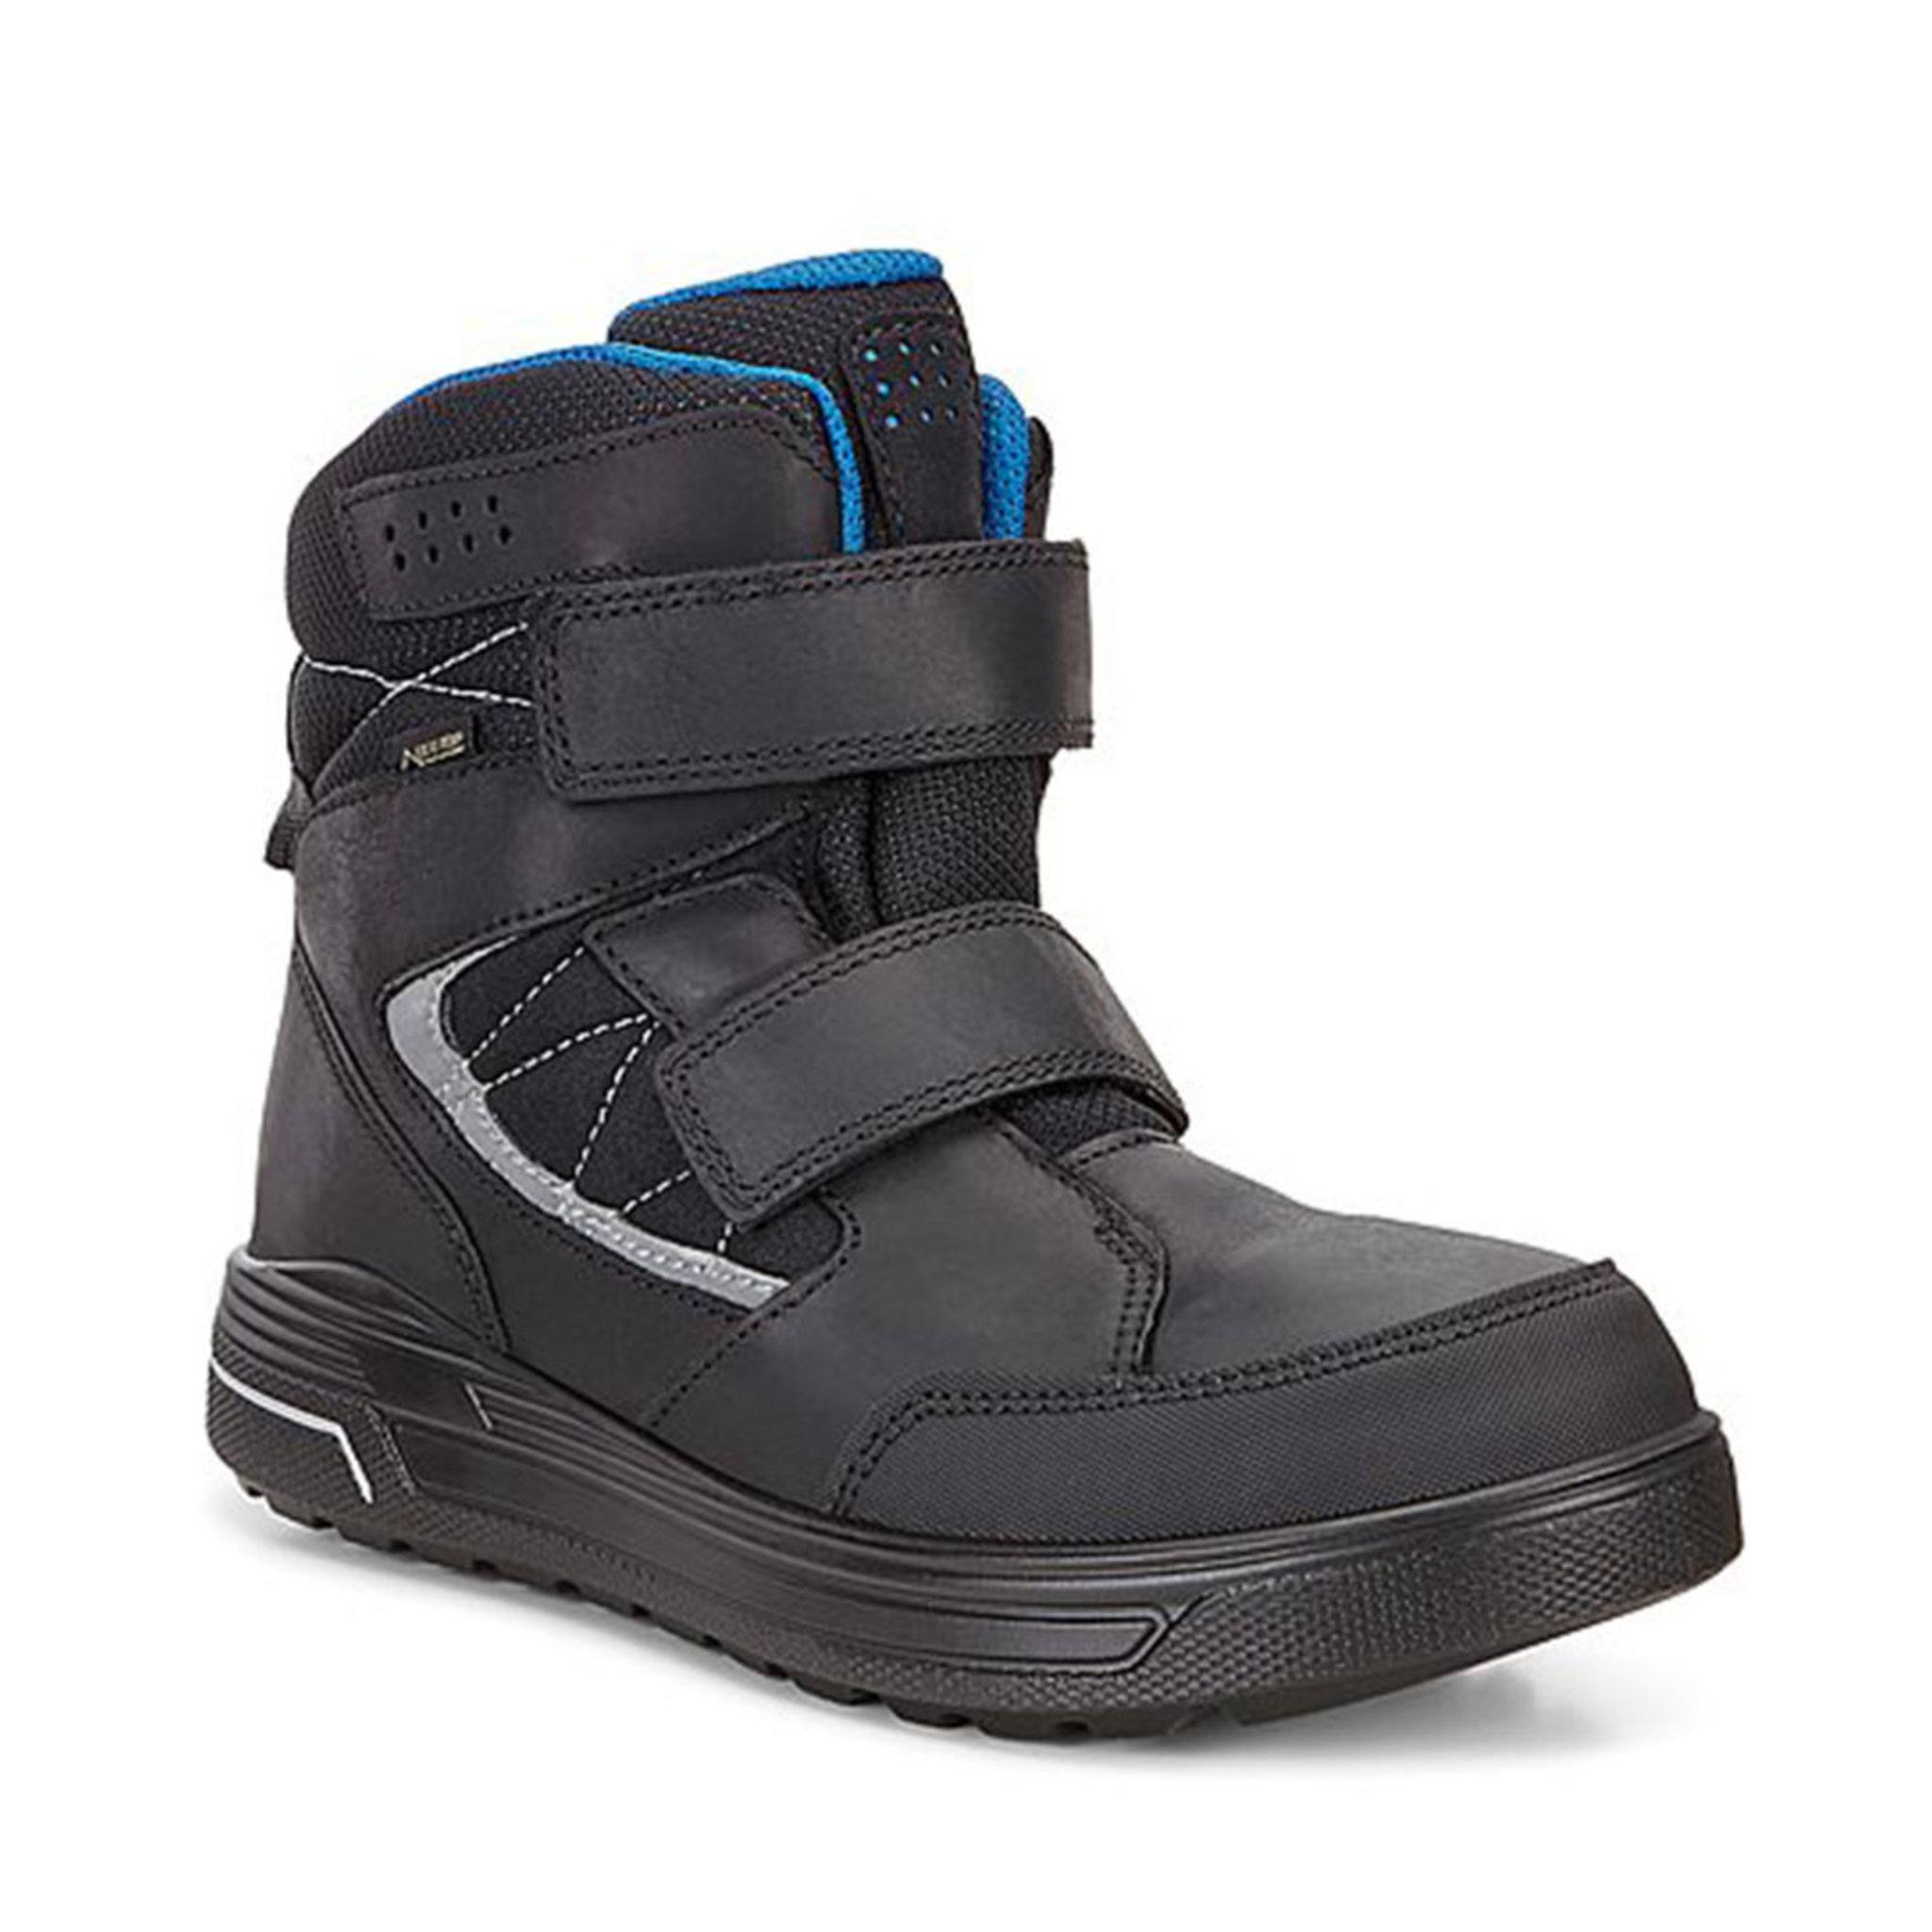 c5055676d6a Känga, Urban Snowboarder - Accessoarer & skor - Köp online på åhlens.se!